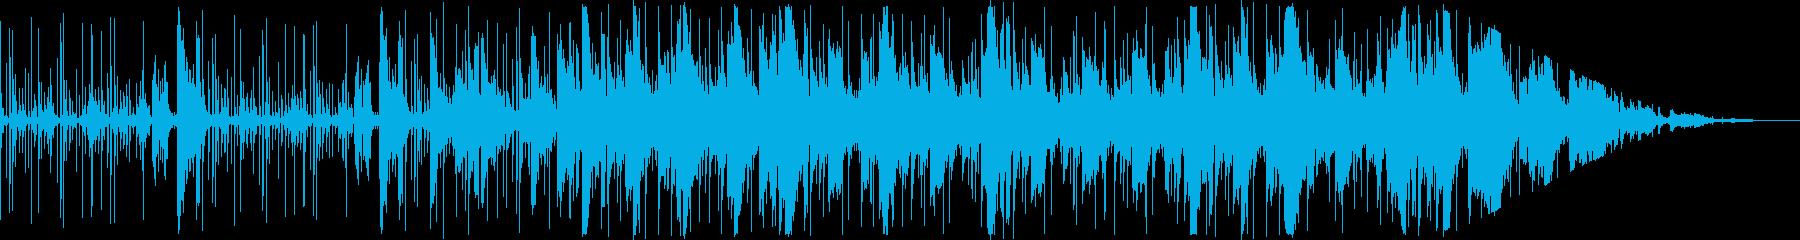 エレクトロニカ 切なげなギターと電子音の再生済みの波形